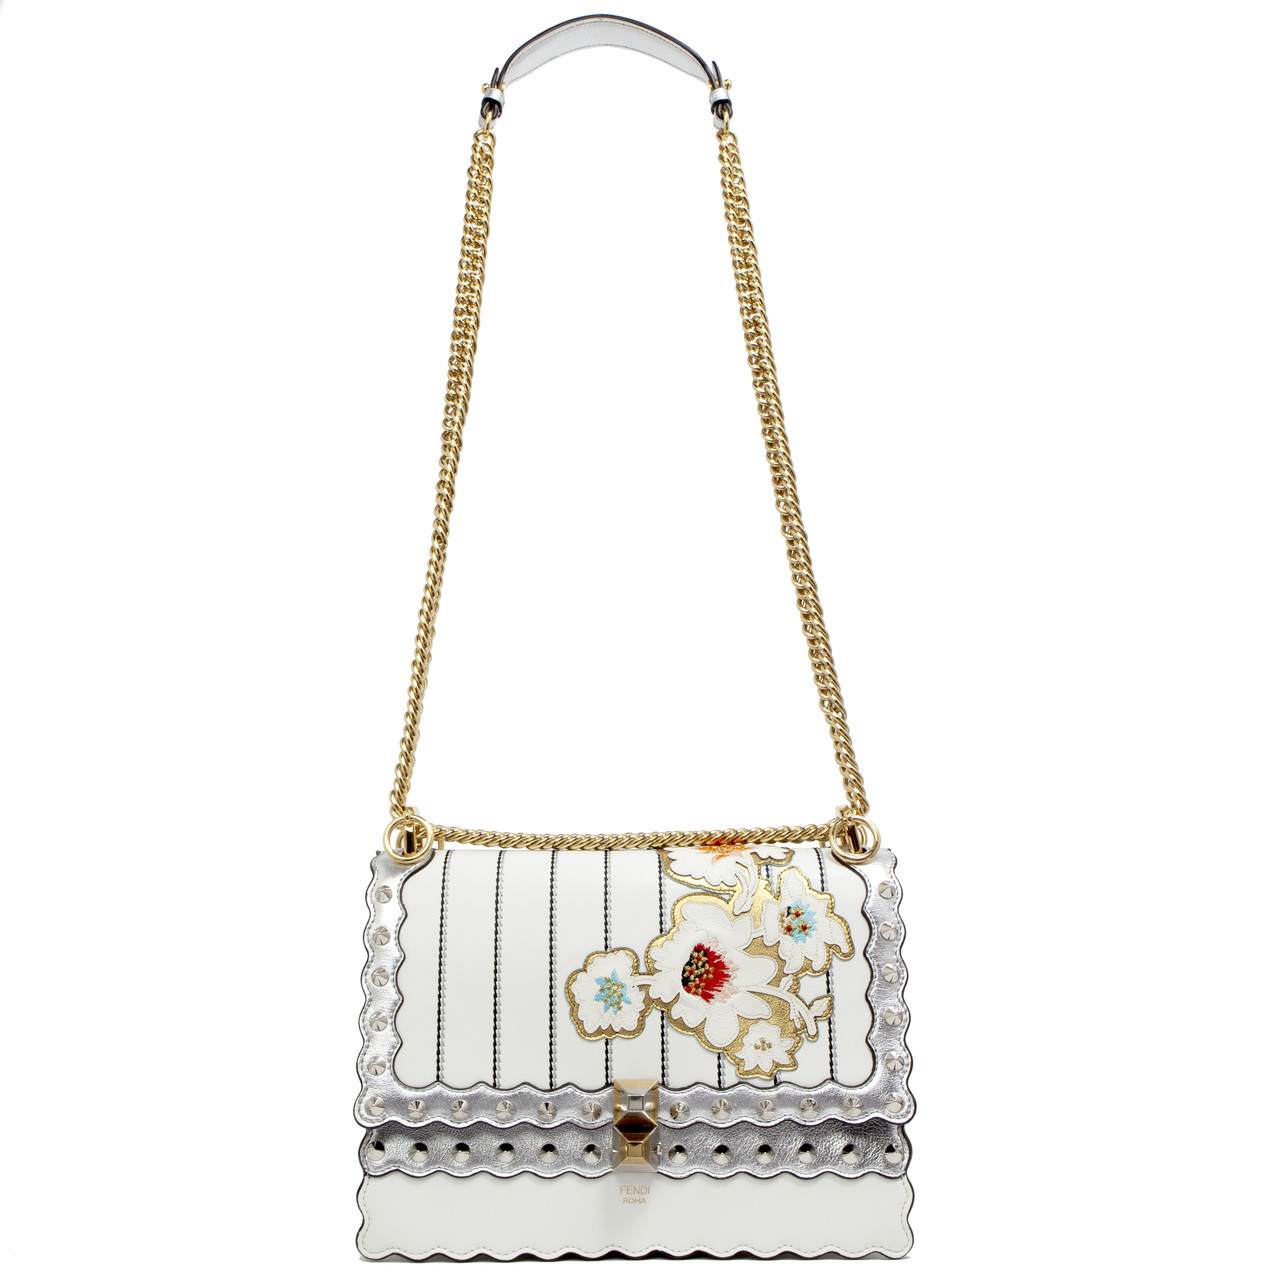 9dc7c0ac67 Fendi Silver   White Floral Embroidered Kan I Shoulder Bag - modaselle